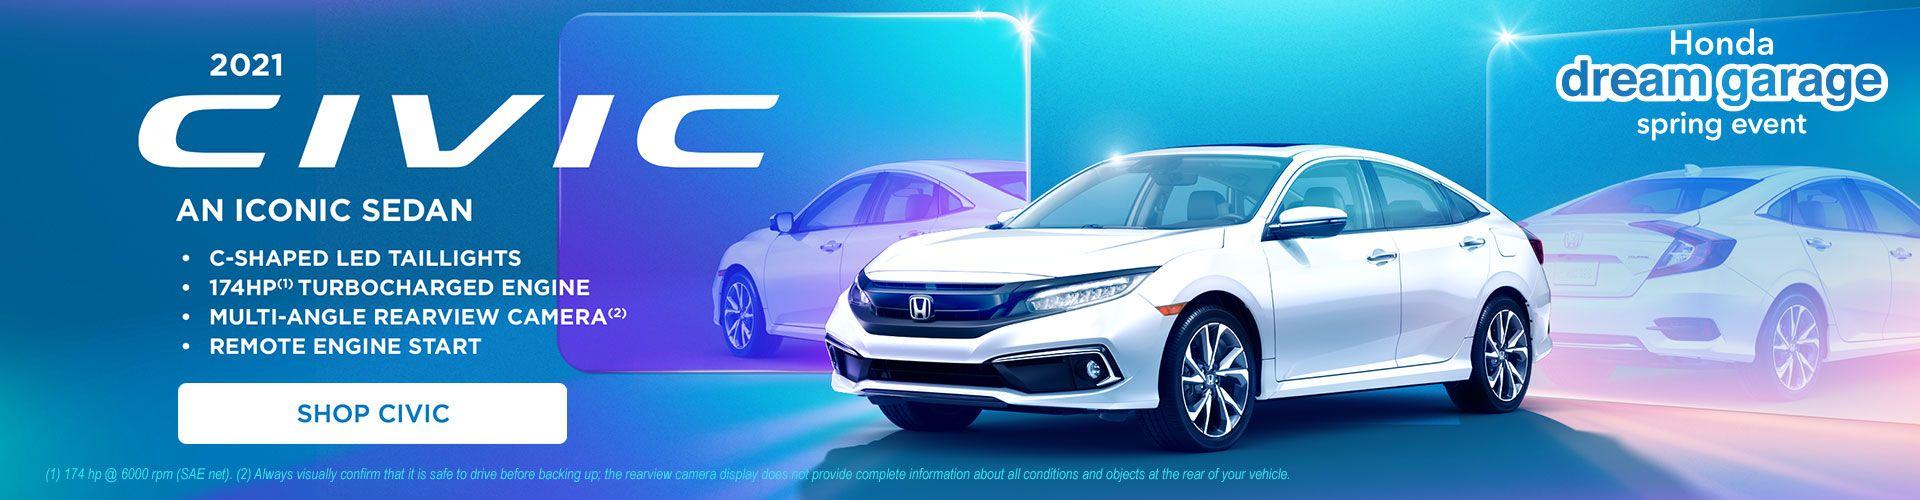 2021 Civic Honda